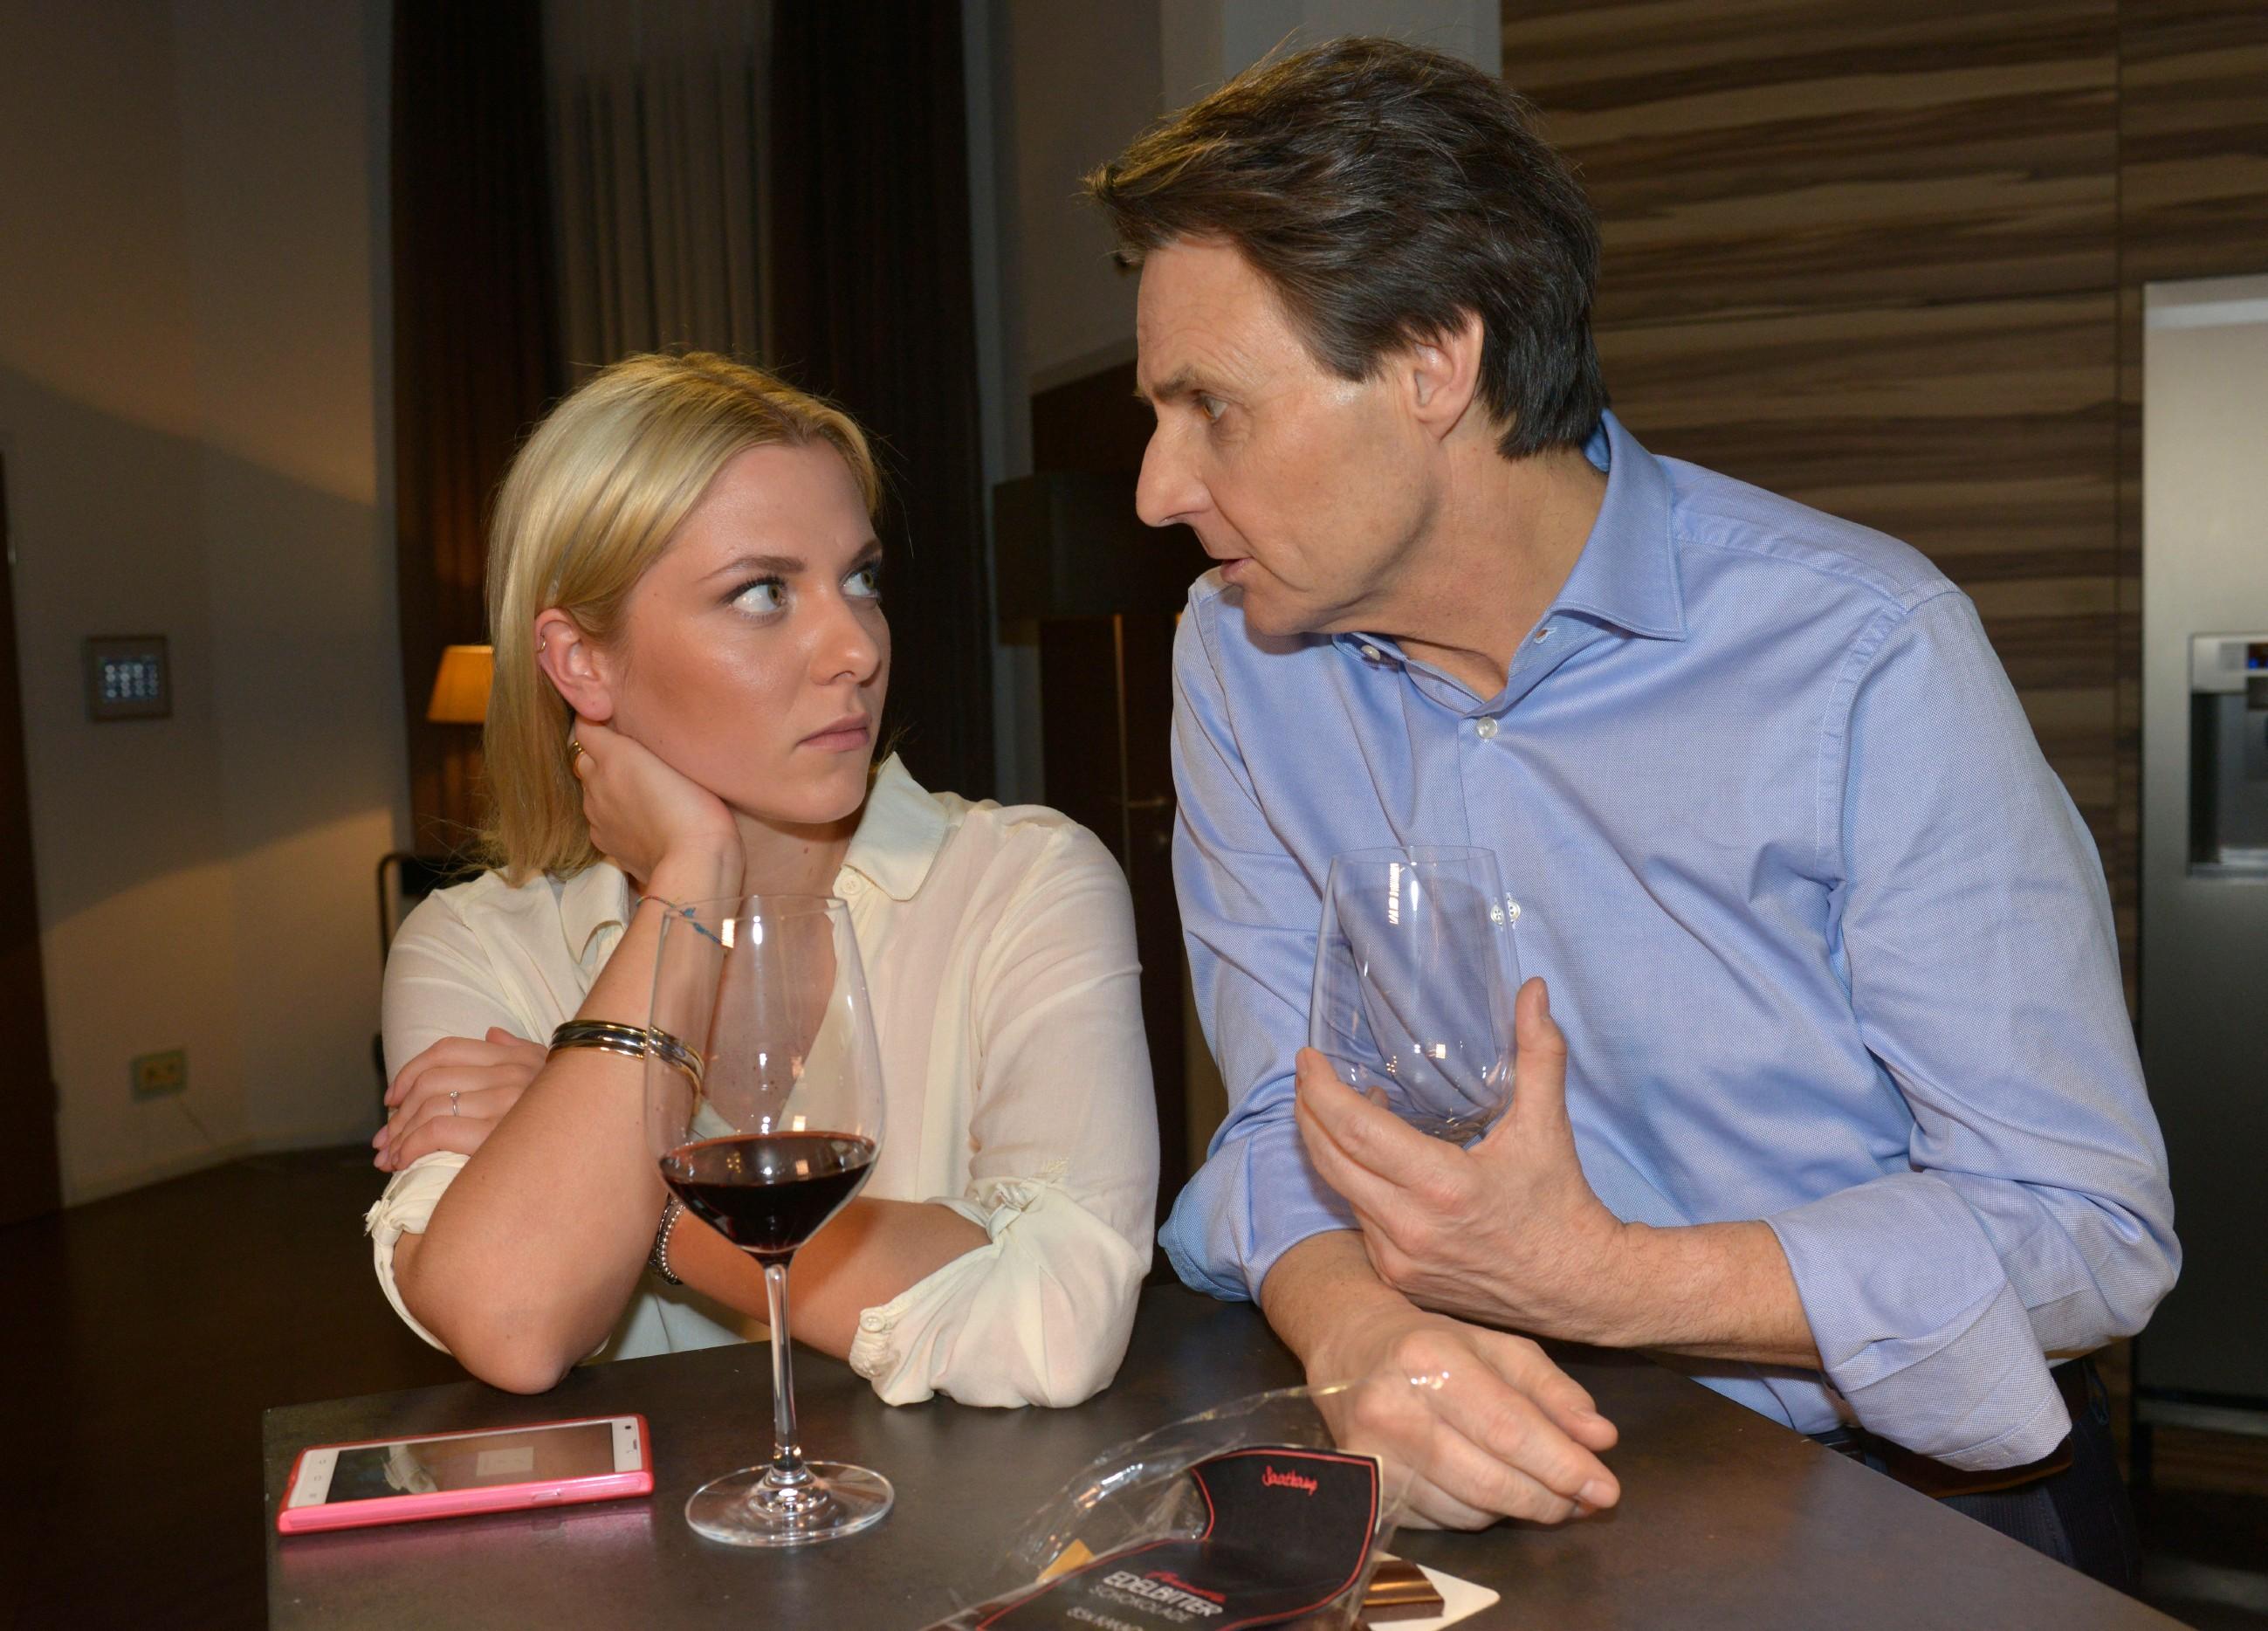 Sunny (Valentina Pahde) braucht Zeit, um über Beziehung mit Vince nachzudenken und sucht Zuflucht bei Gerner (Wolfgang Bahro). (Quelle: RTL / Rolf Baumgartner)